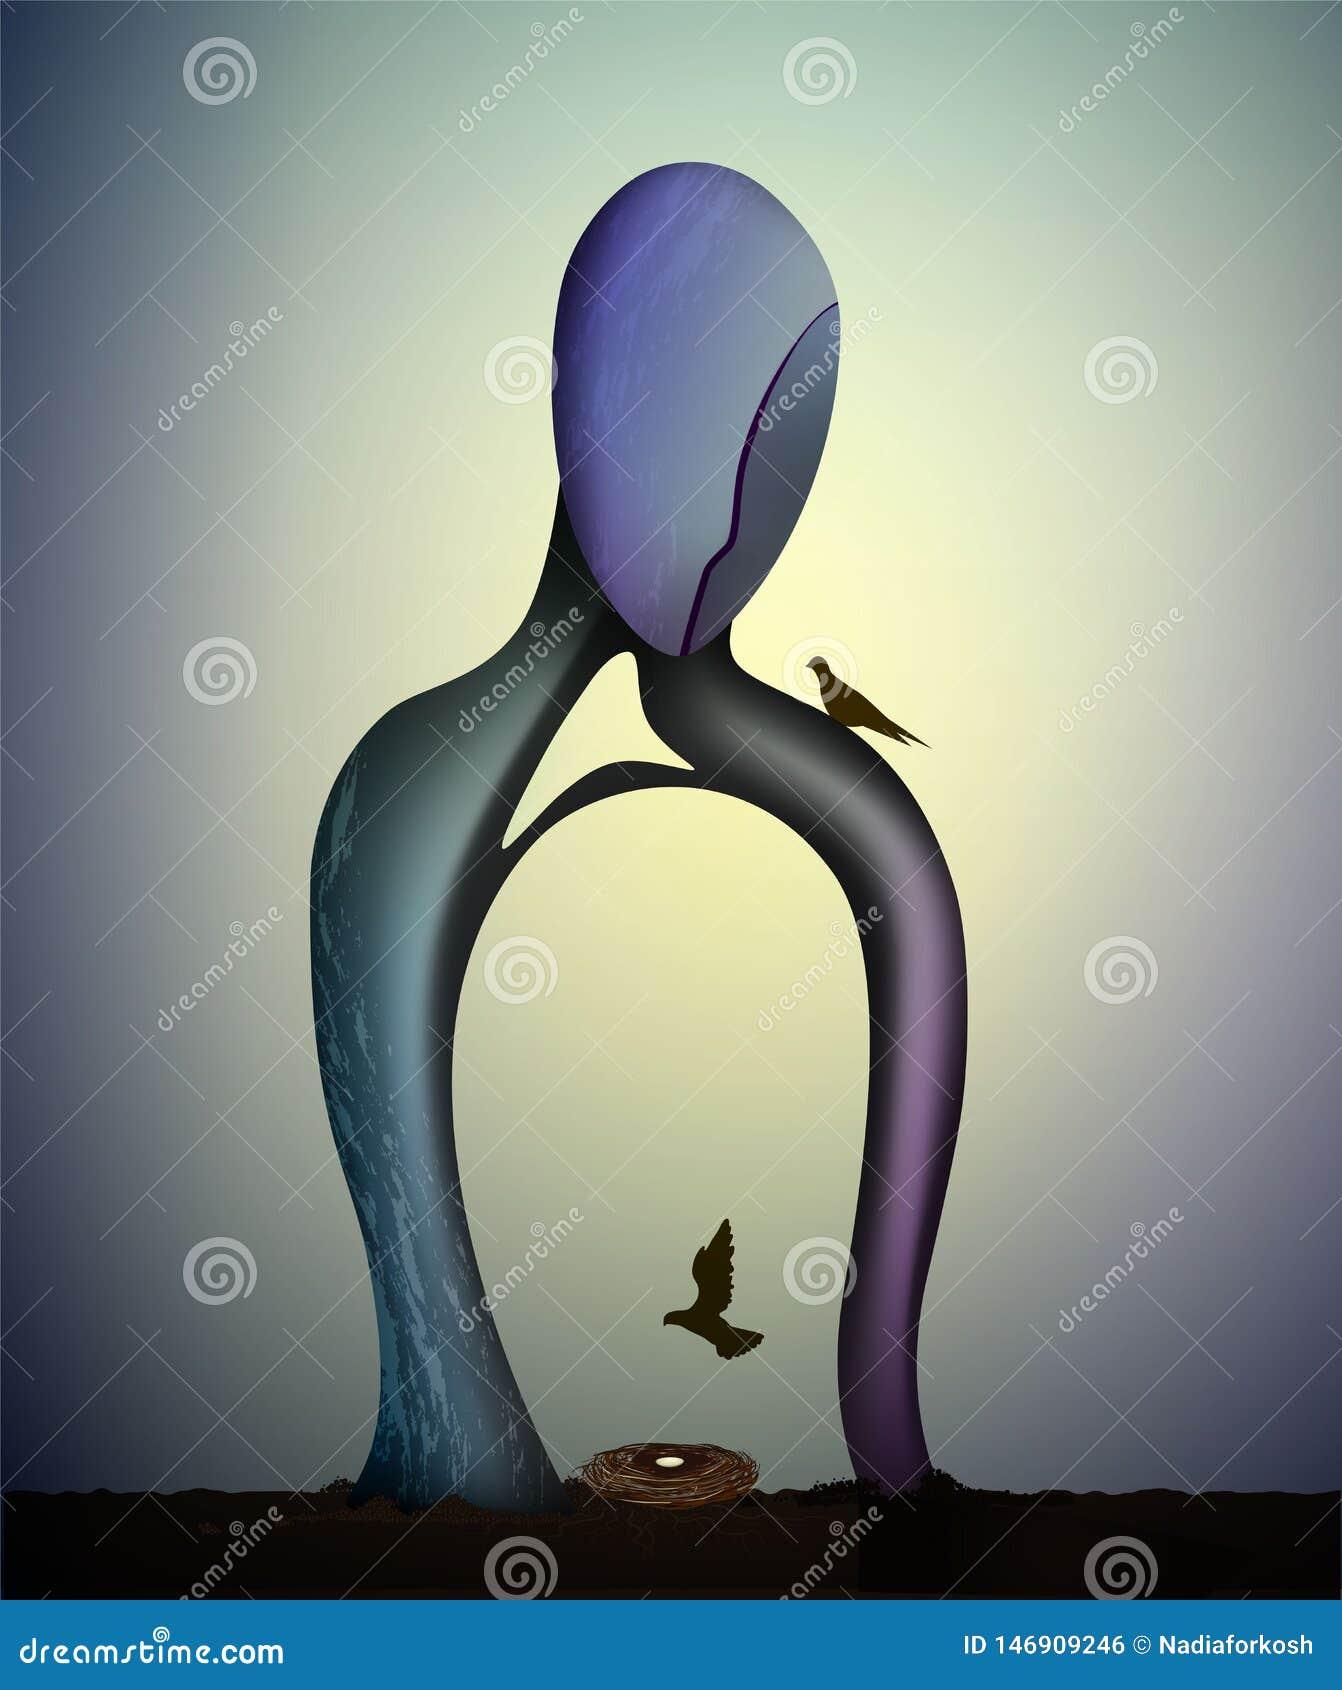 Forma humana con la jerarquía creciente del insideand del árbol con las palomas, concepto de esperanza y hogar